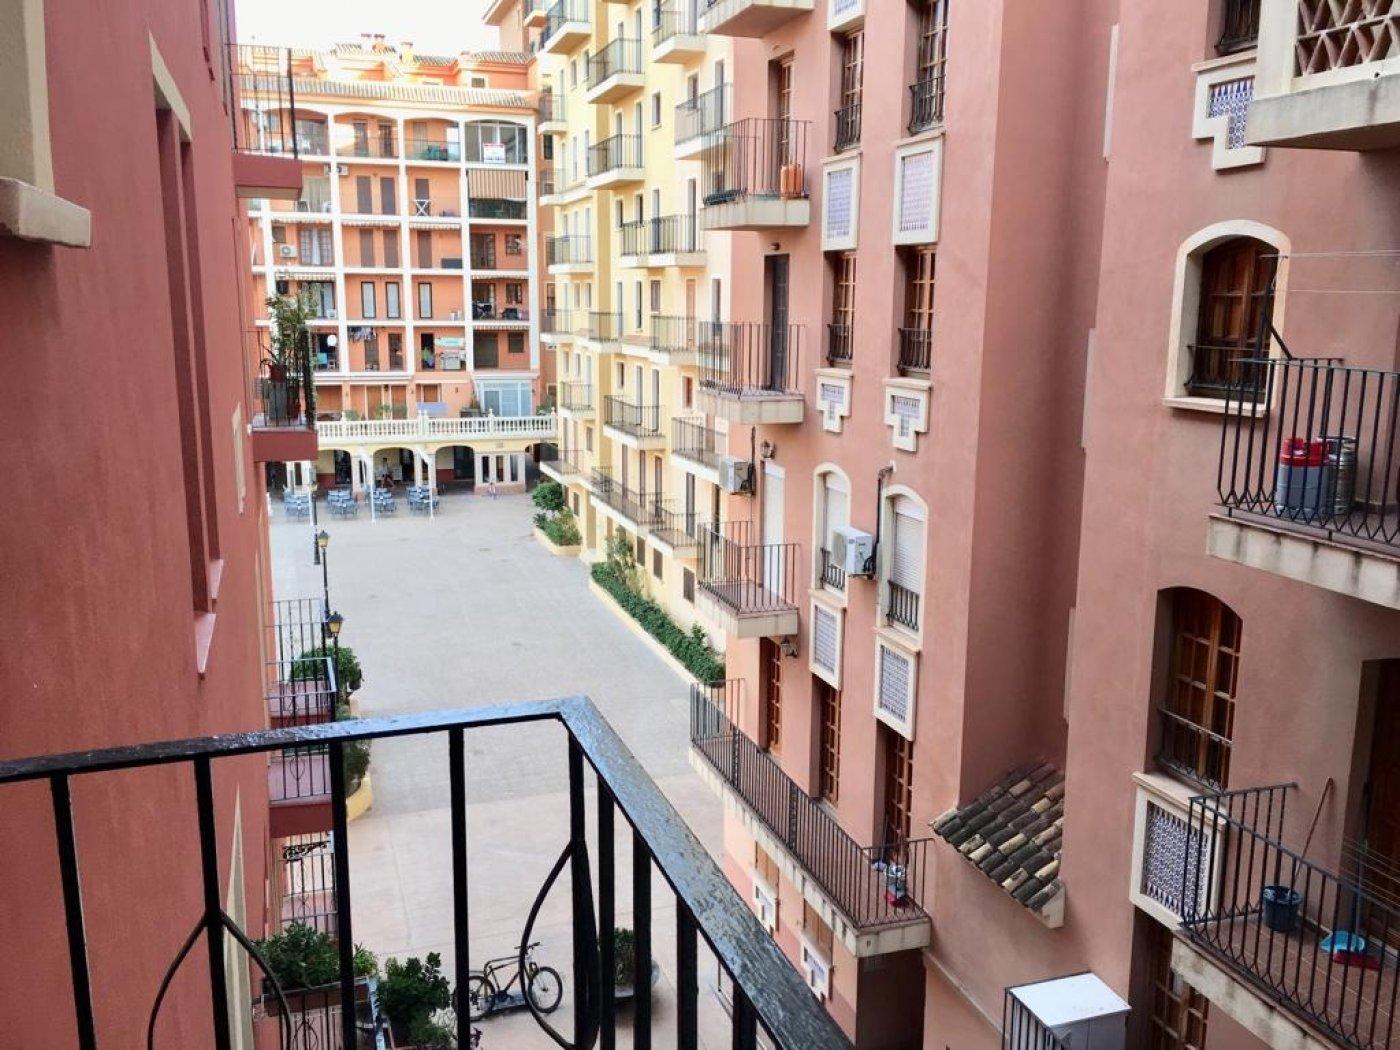 Estupendo apartamento en portsaplaya!!! - imagenInmueble23